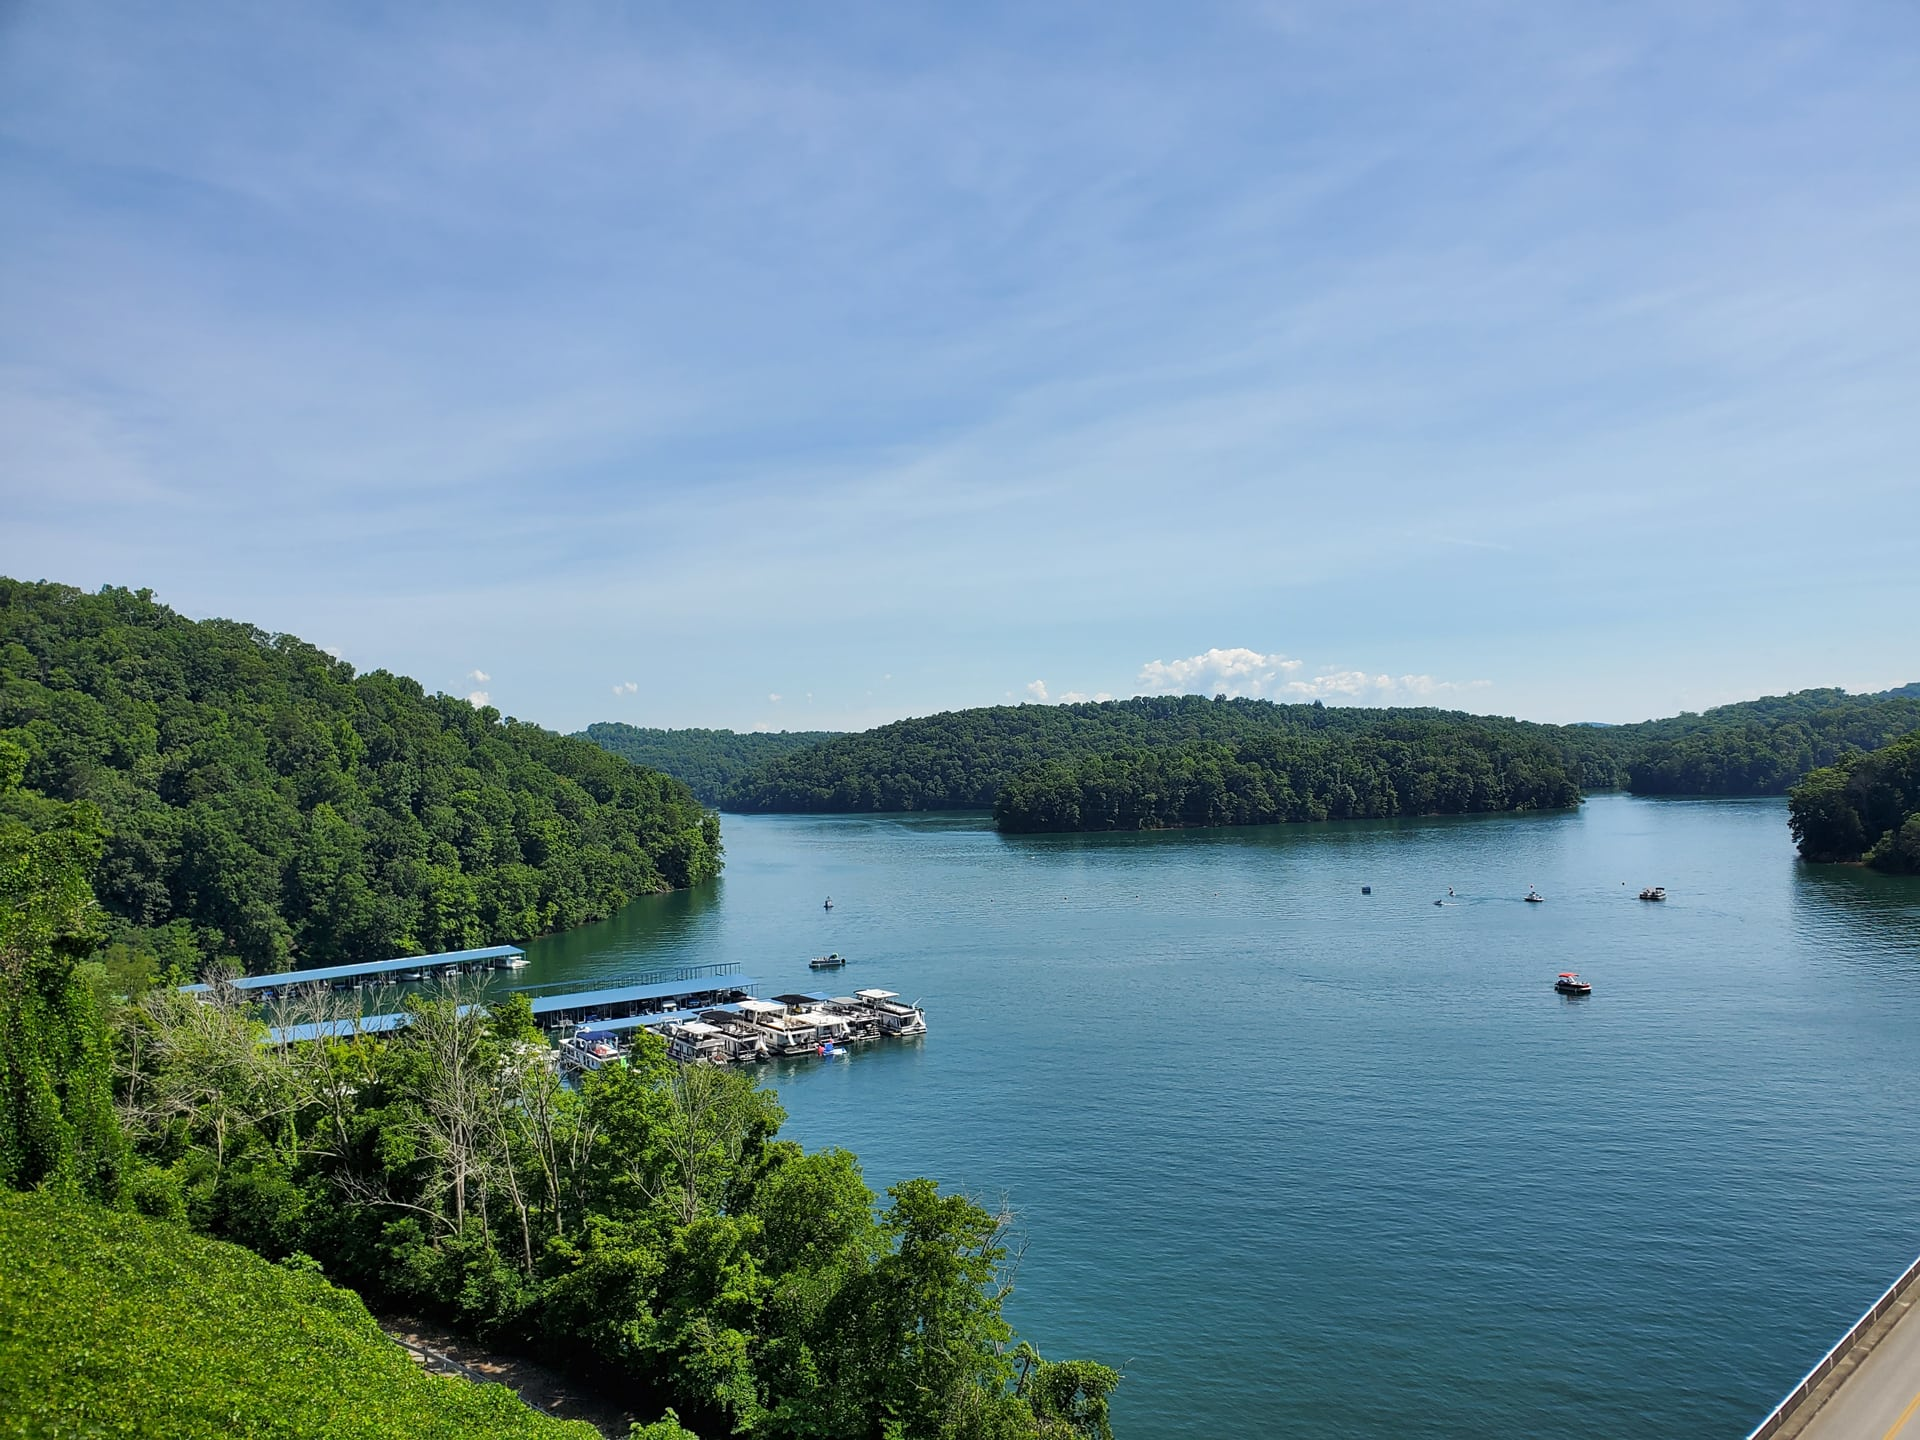 Norris lake and dam